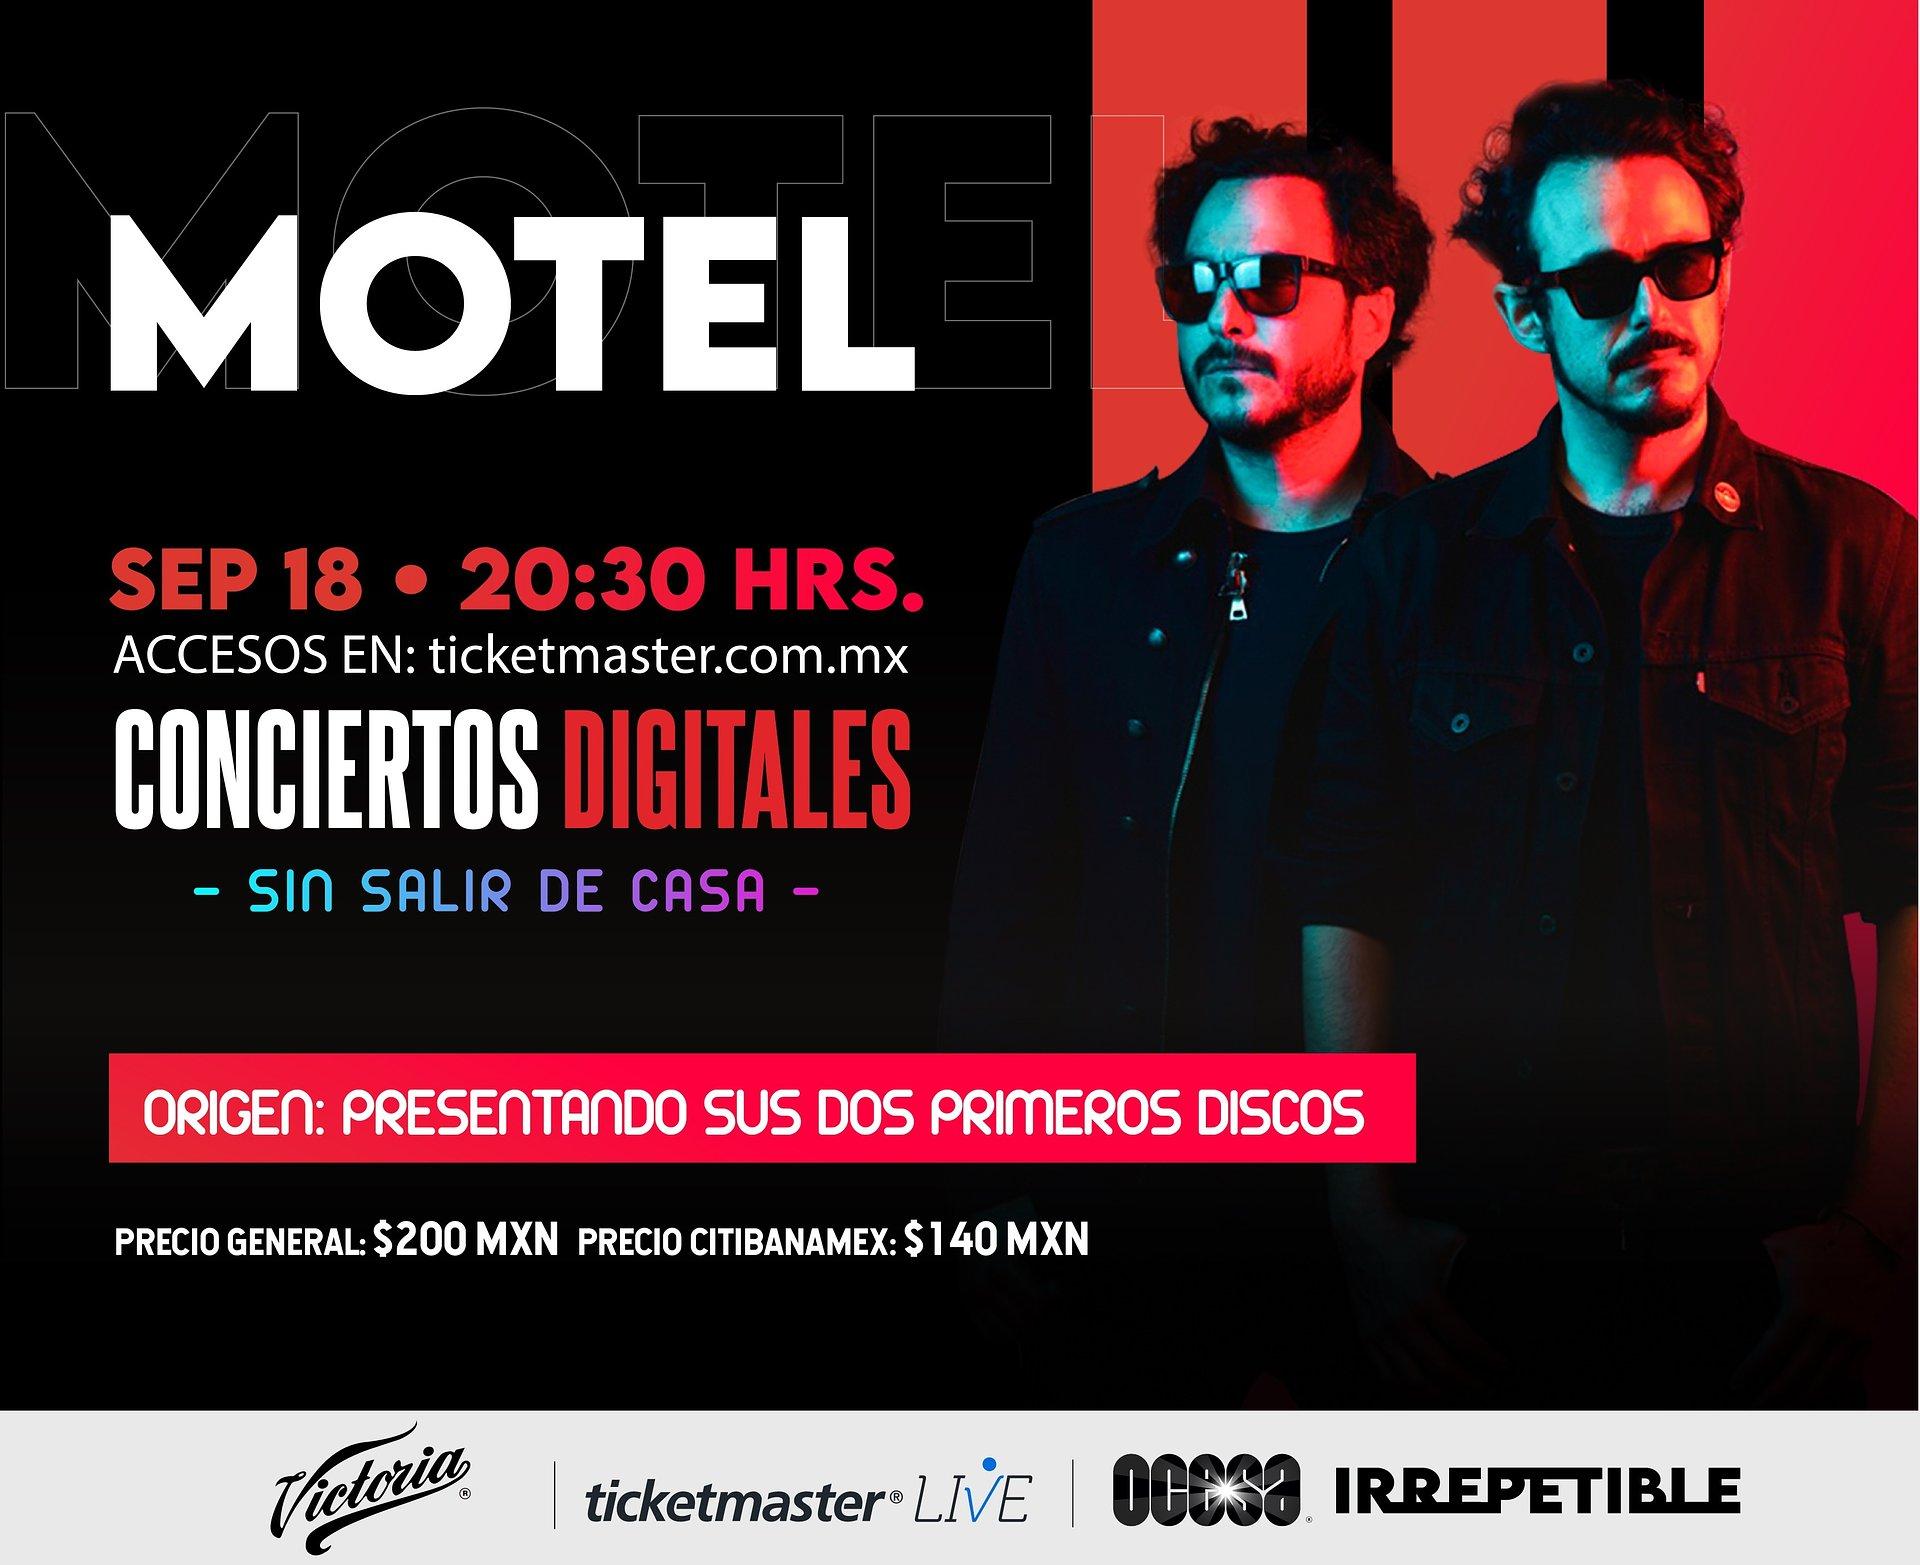 Motel en concierto IRREPETIBLE